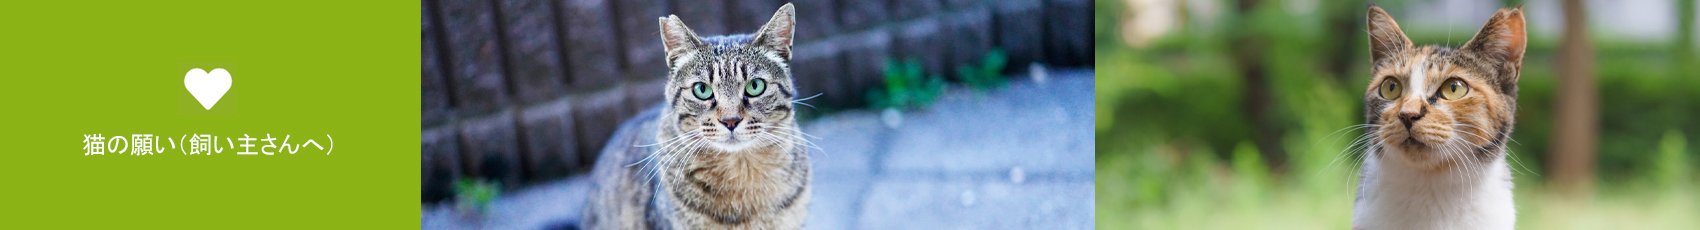 猫の願い(飼い主さんへ)